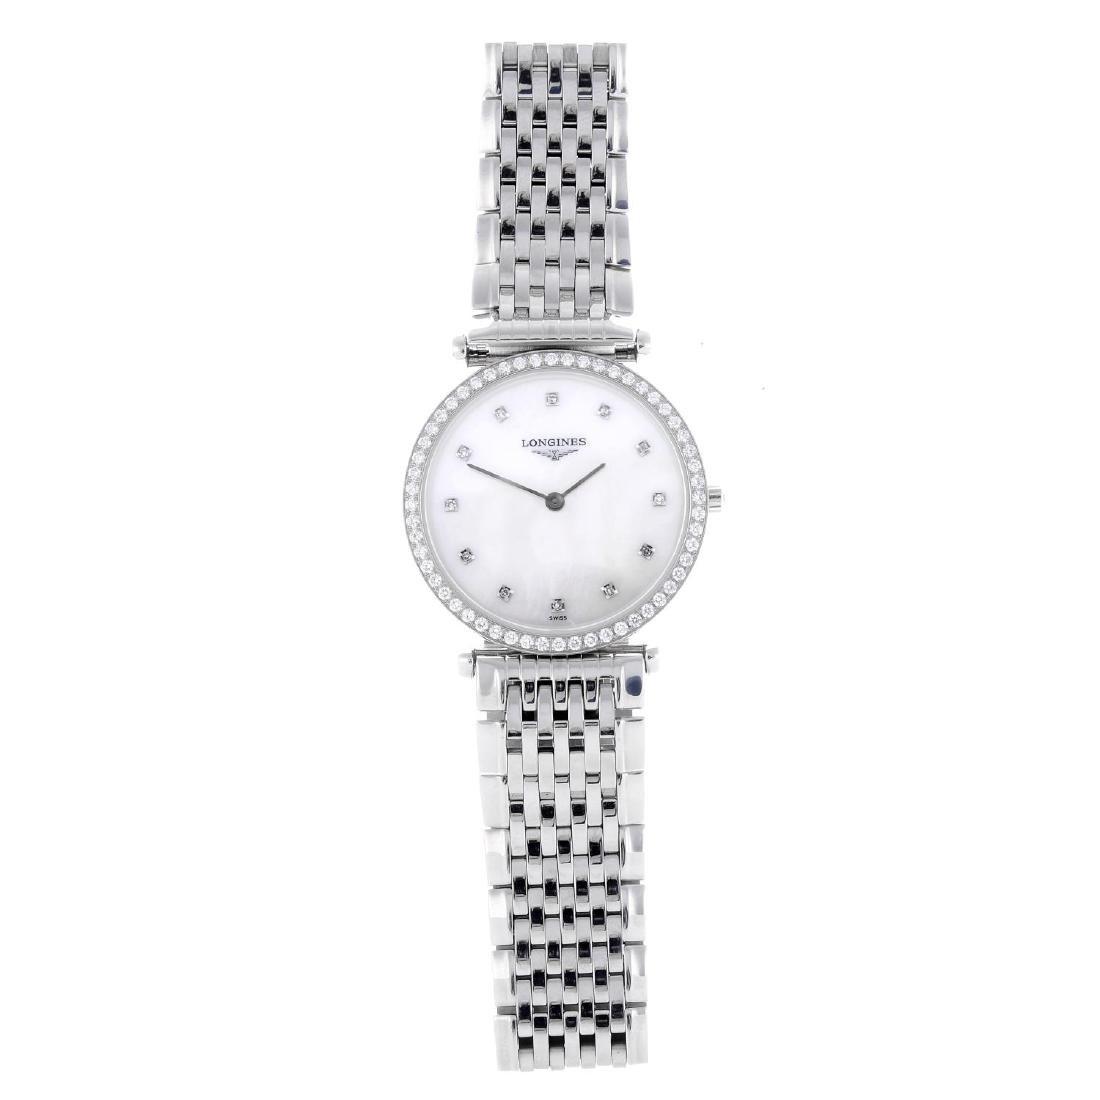 LONGINES - a lady's Grande Classique bracelet watch.